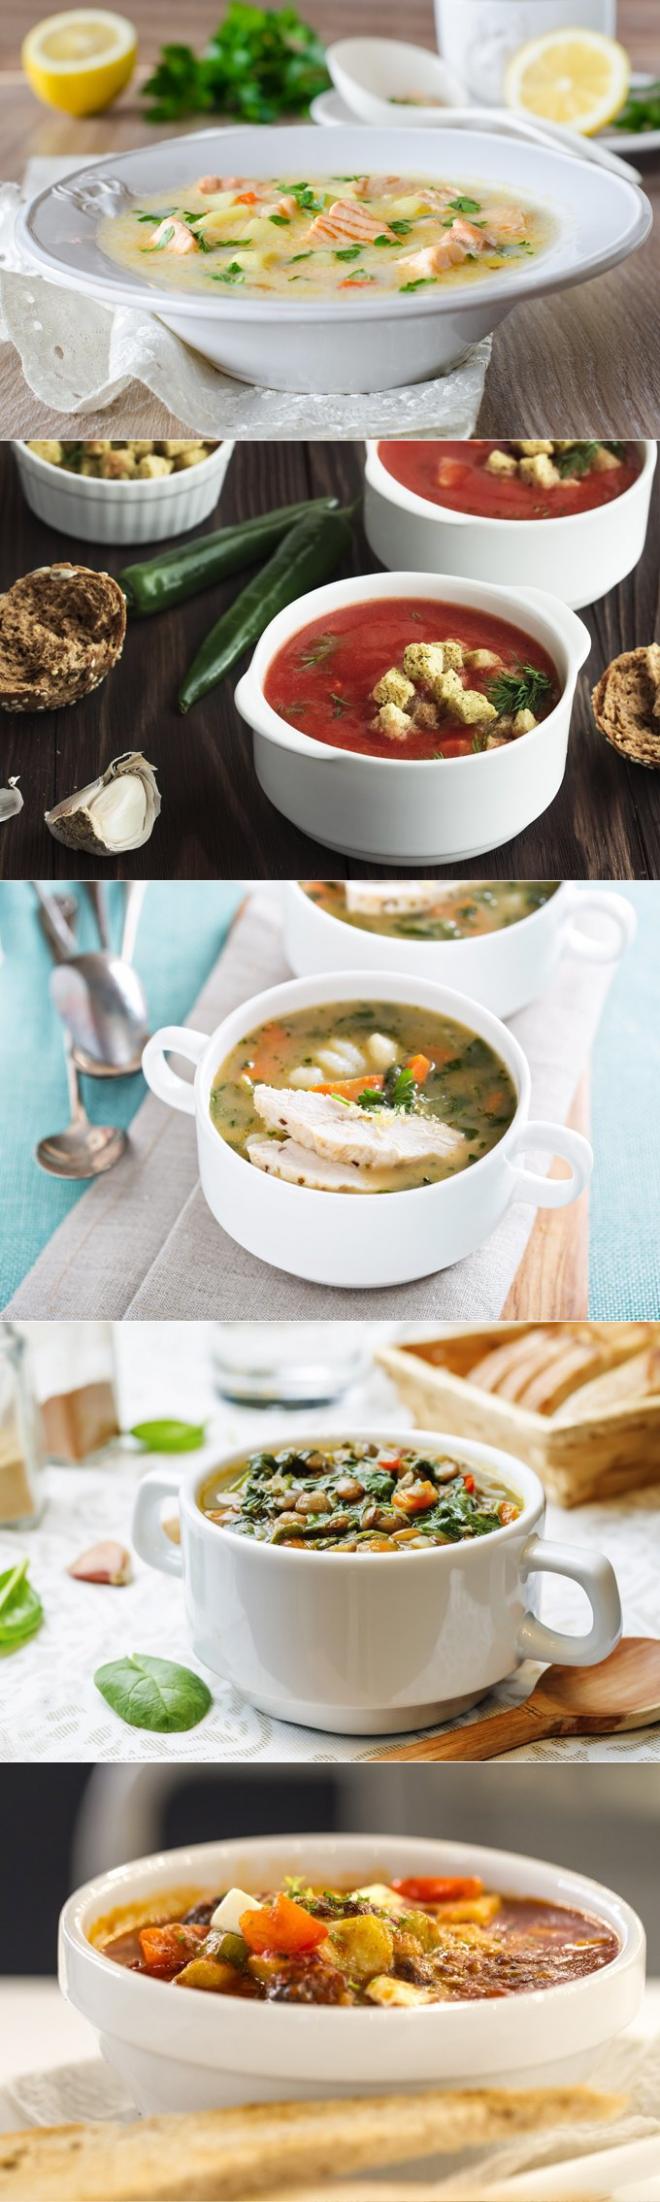 Похмельный суп, рецепты и пошаговое приготовление супов от похмелья при абстинентном синдроме